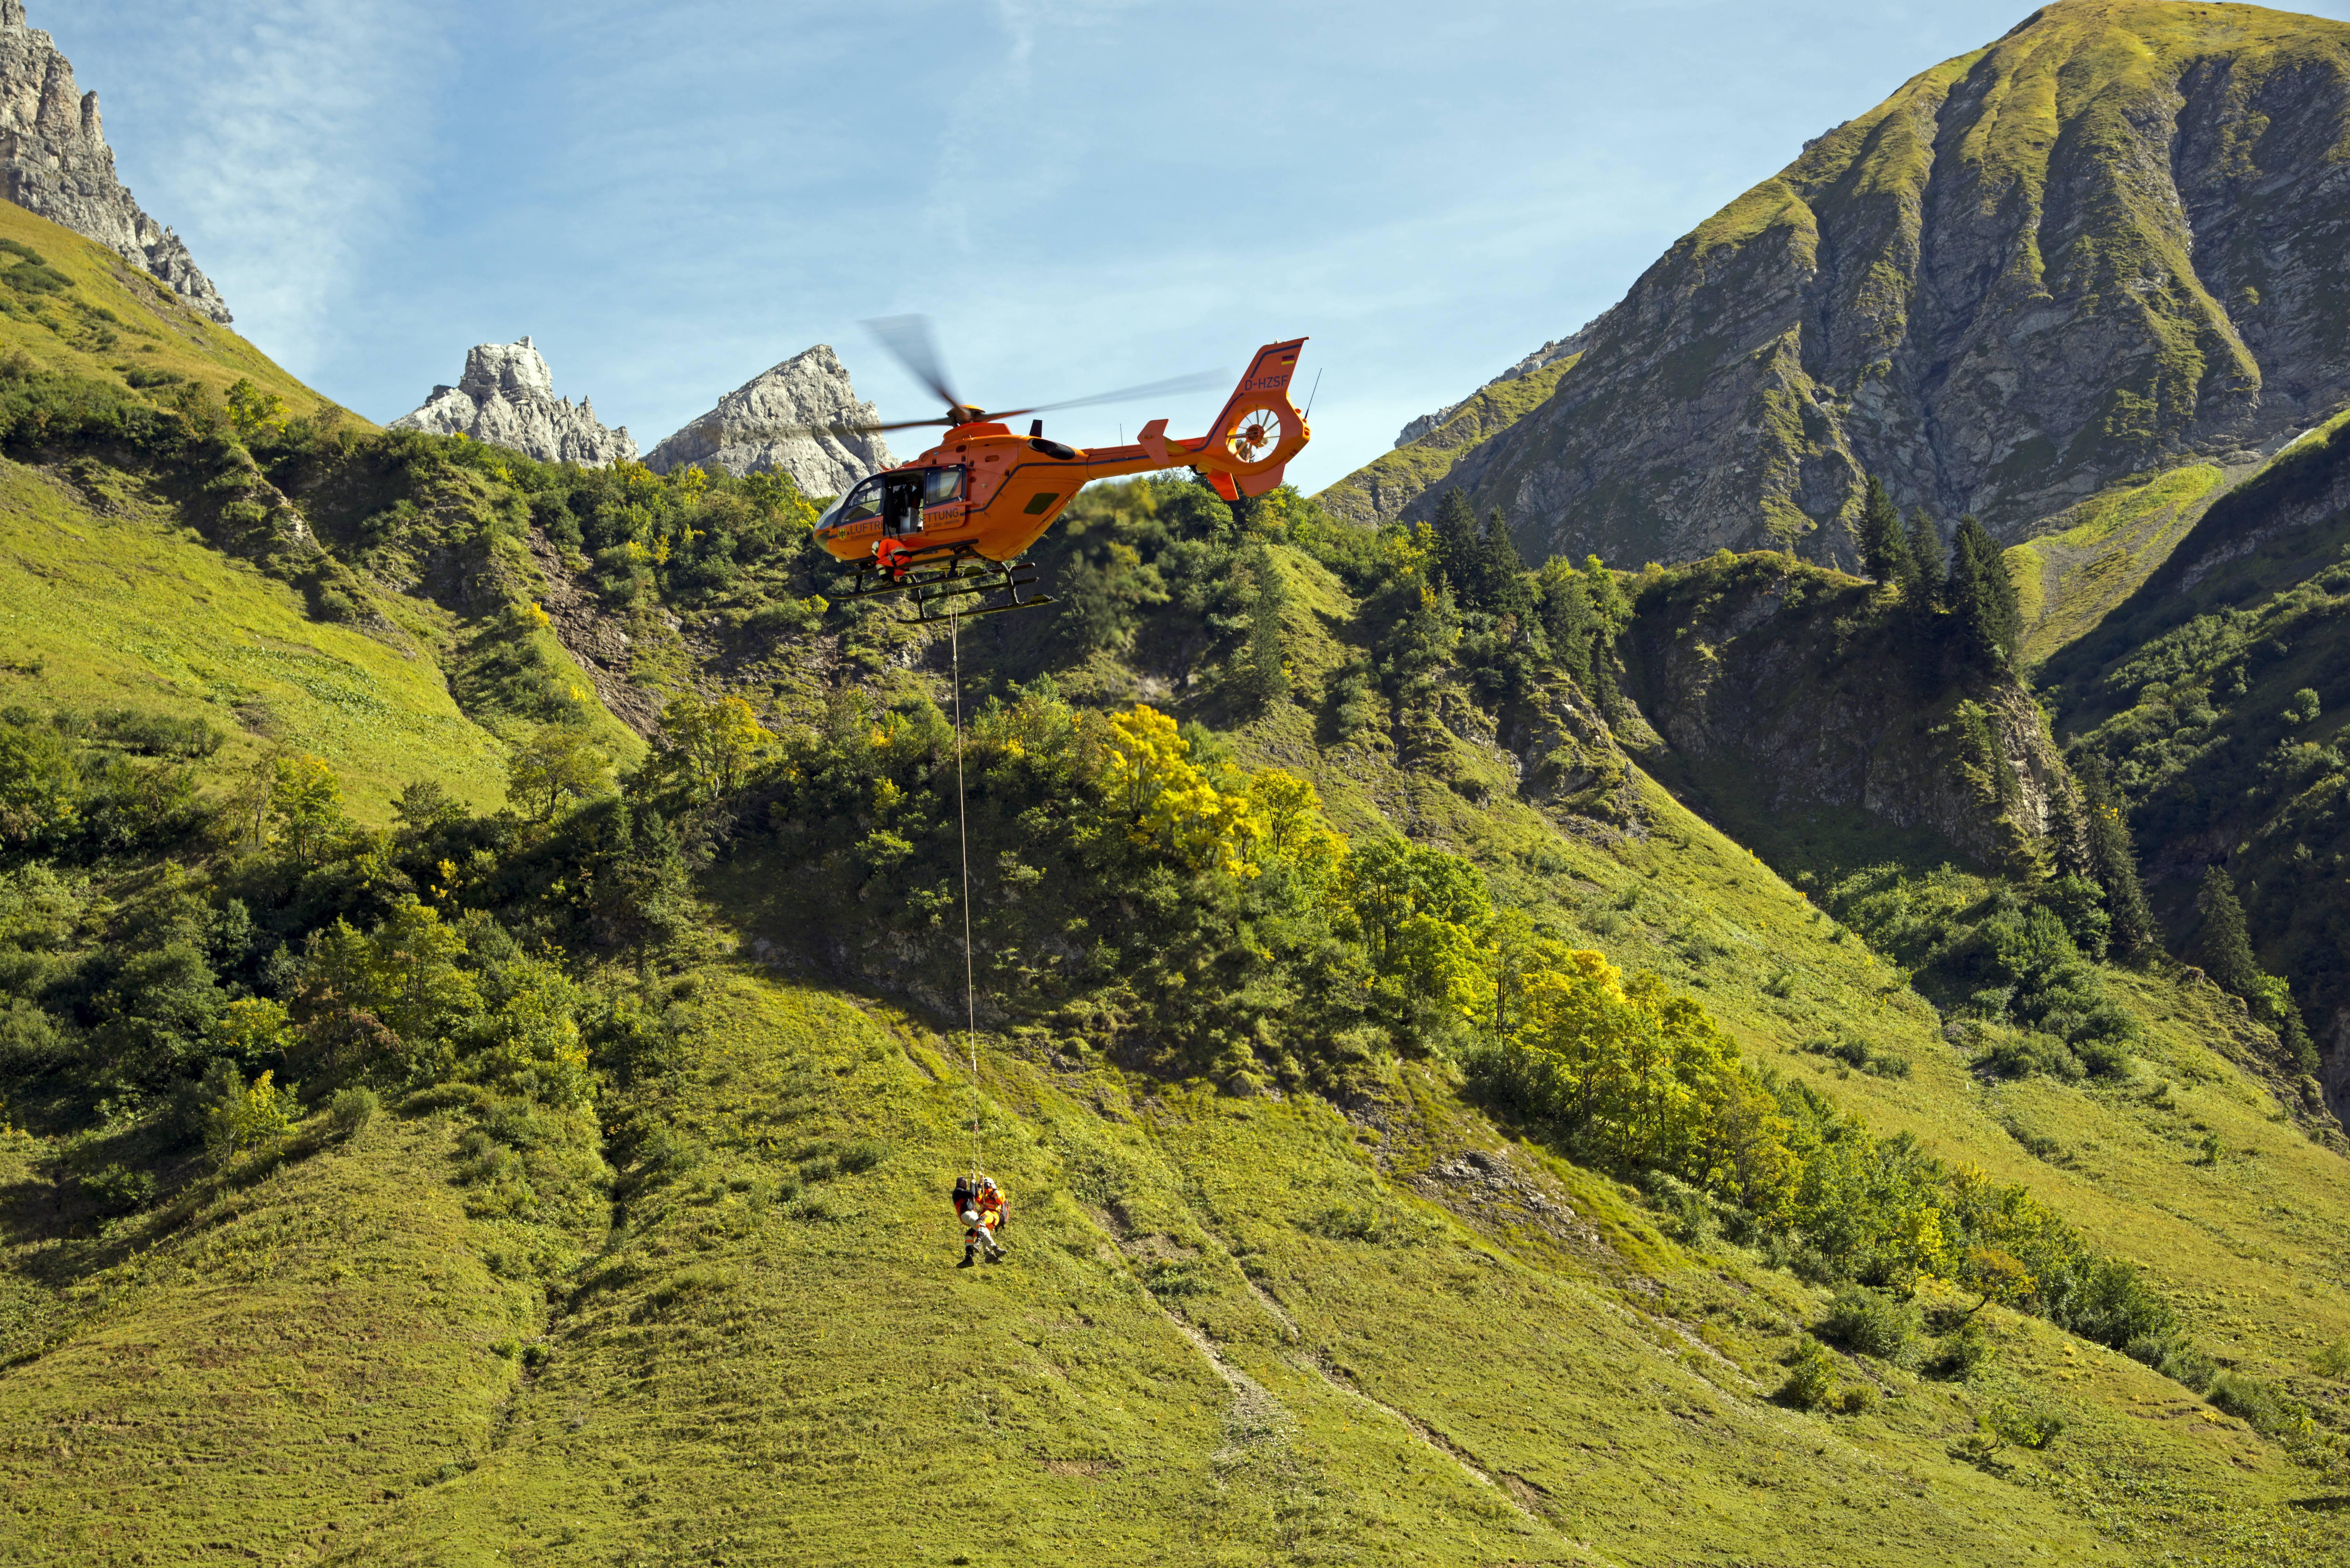 Klettersteig Walchsee : Teenager verunglückt tödlich in klettersteig am walchsee